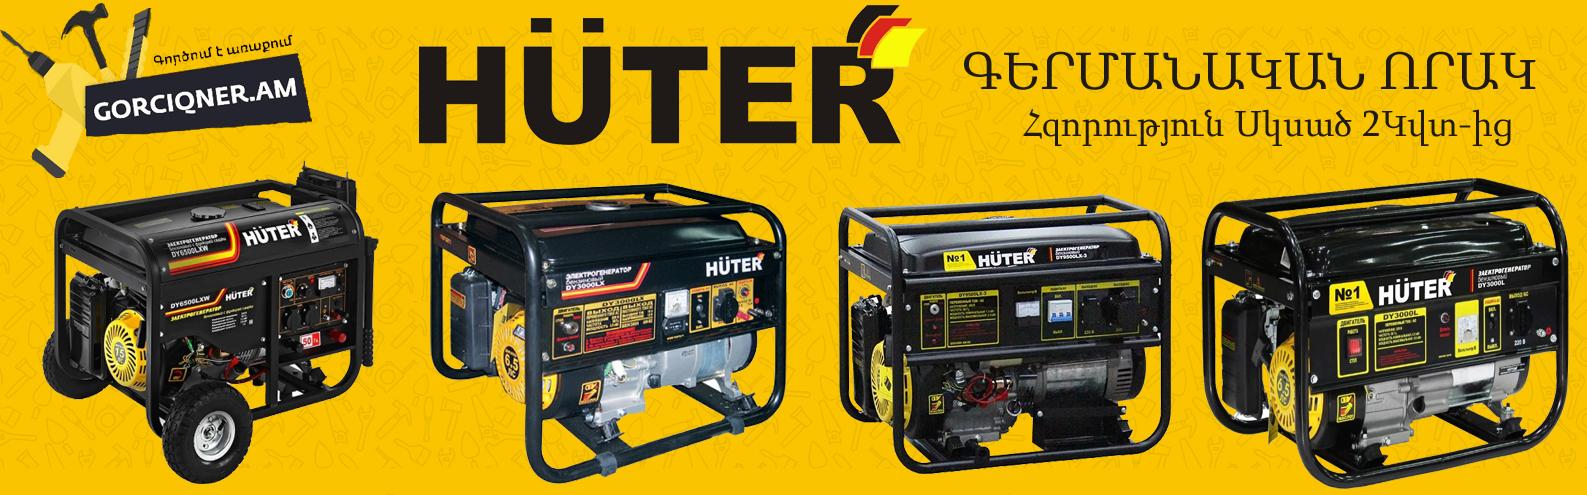 Huter բենզինային գեներատորներ